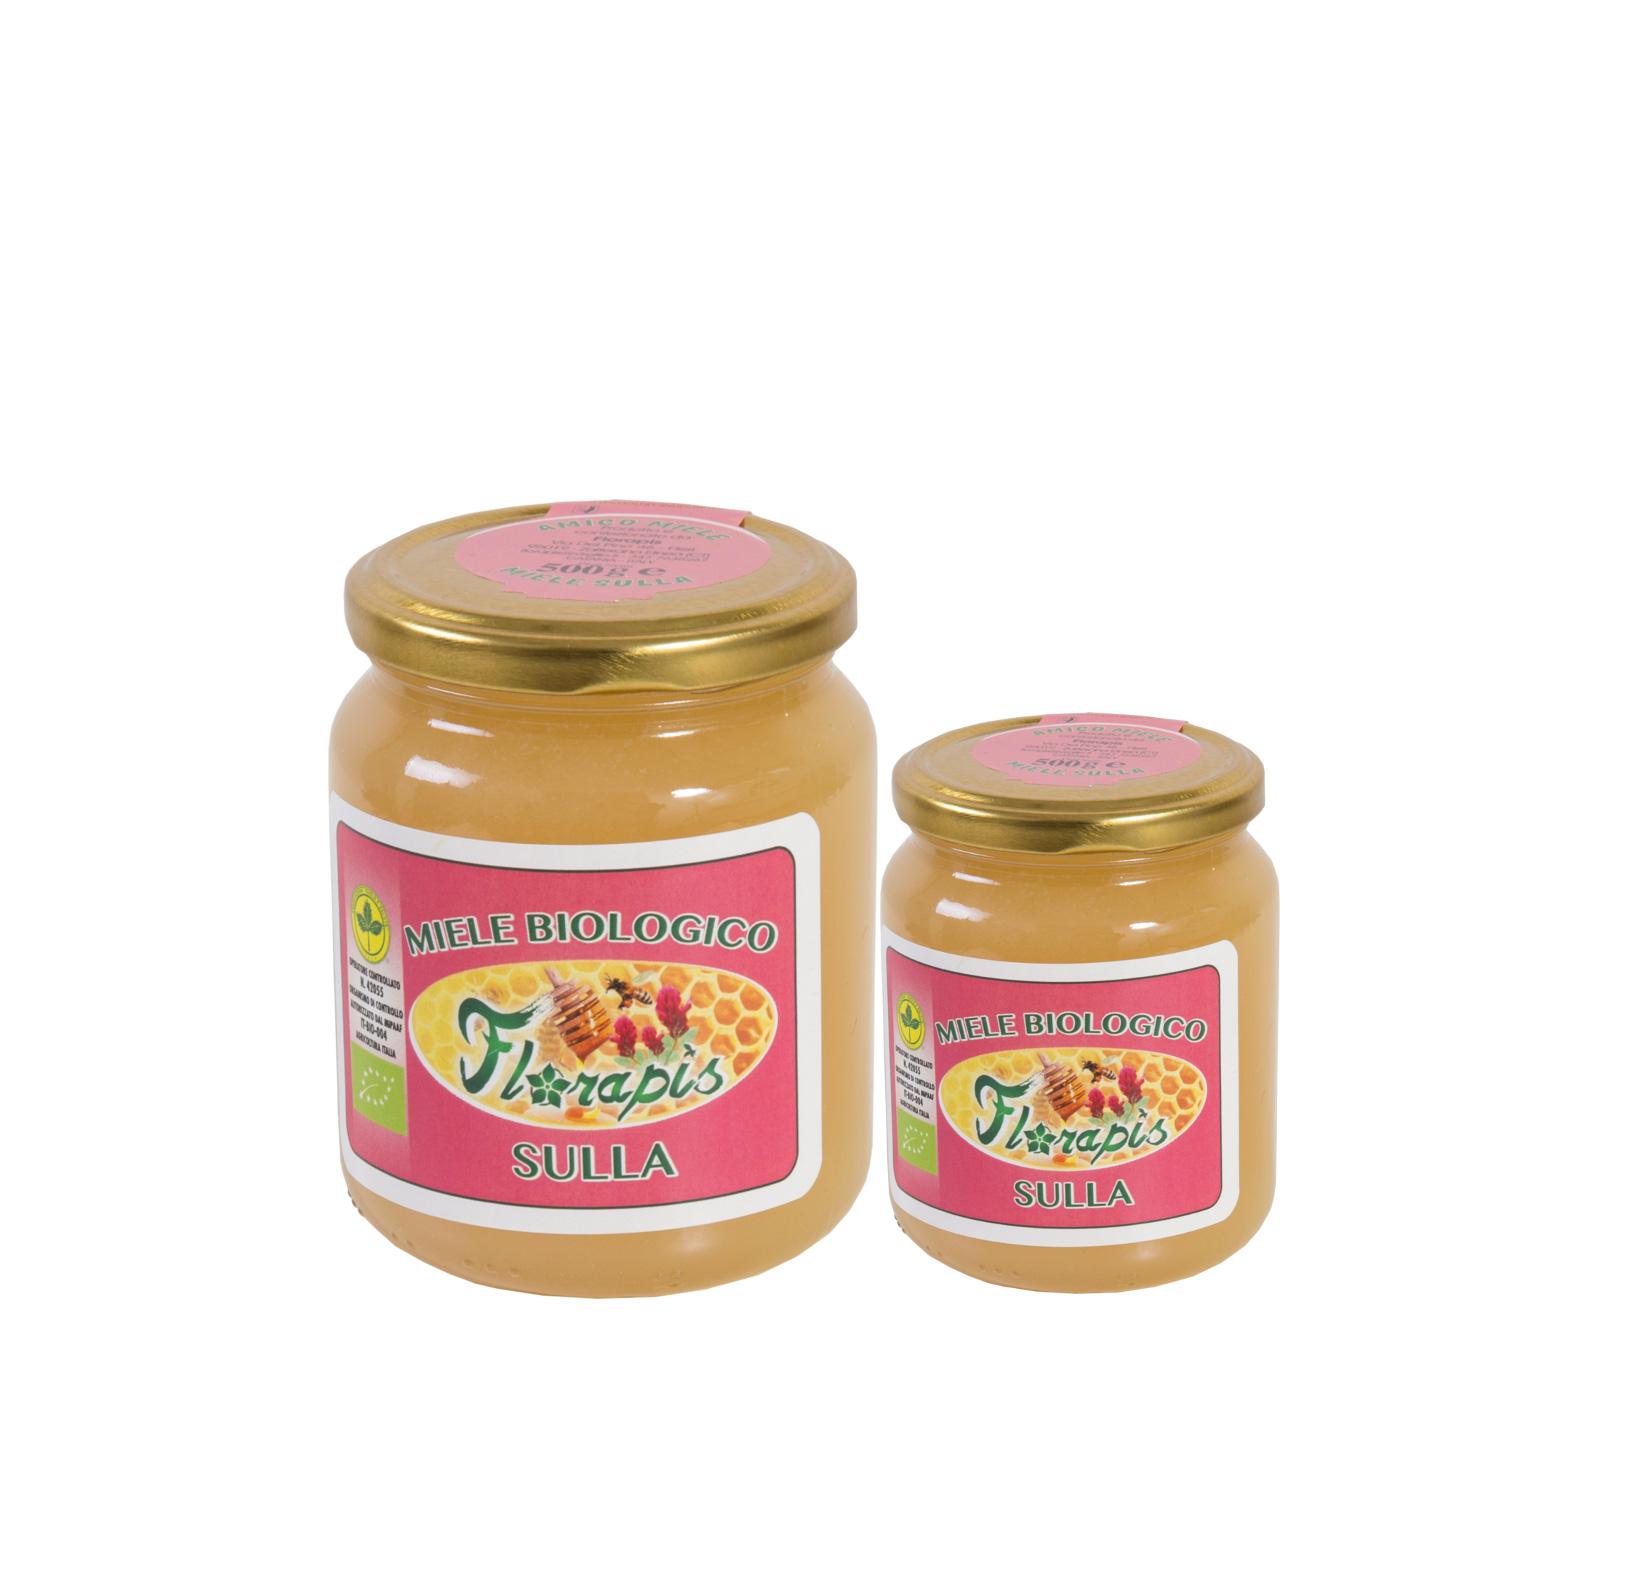 miele fior di sulla